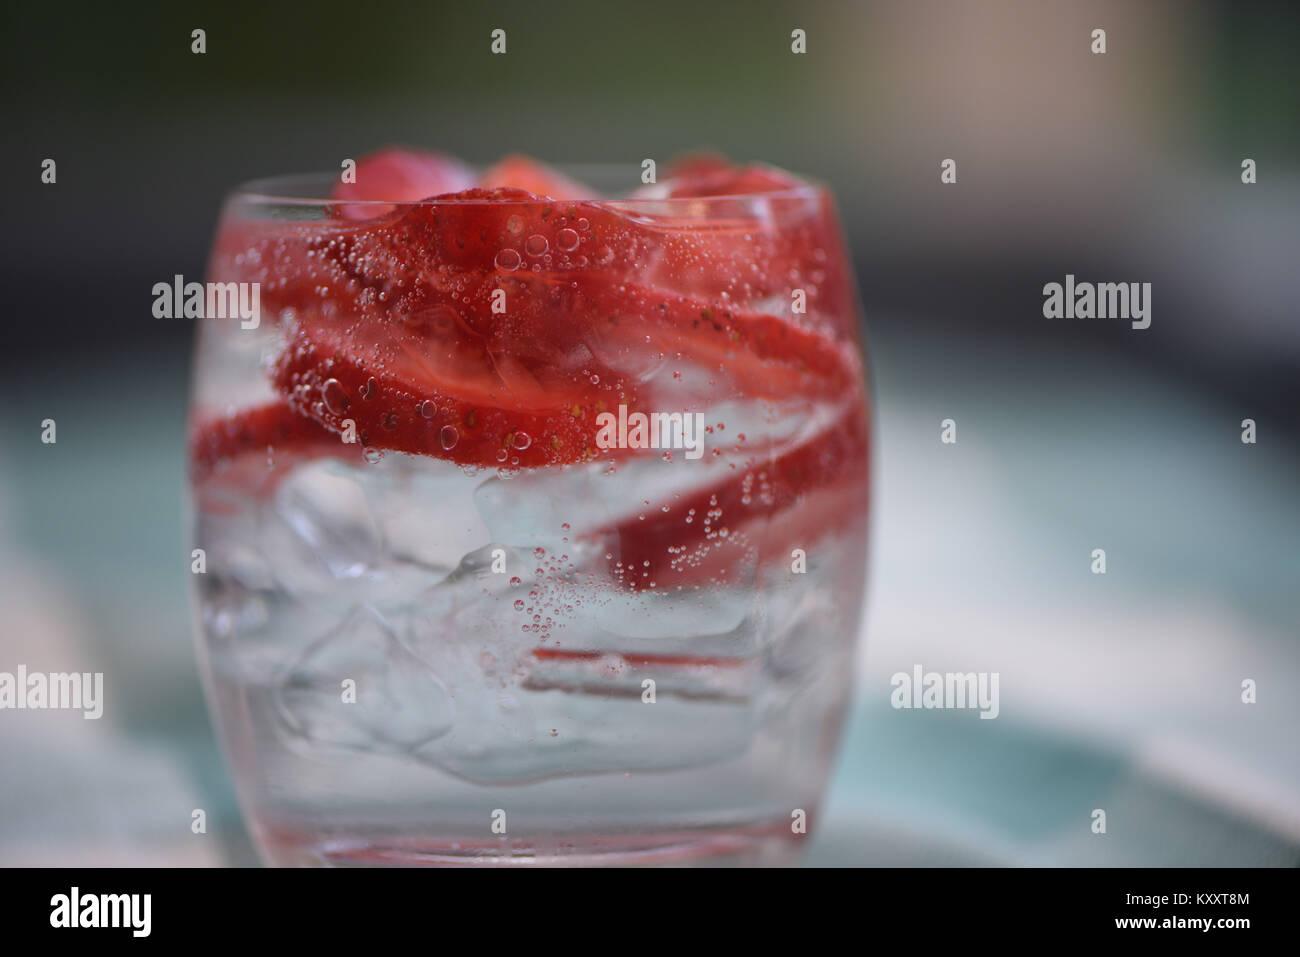 Essen und Trinken fotografie Bild des gesunden detox natürliches Mineralwasser mit Eis und Obst Rote Erdbeere Stockbild